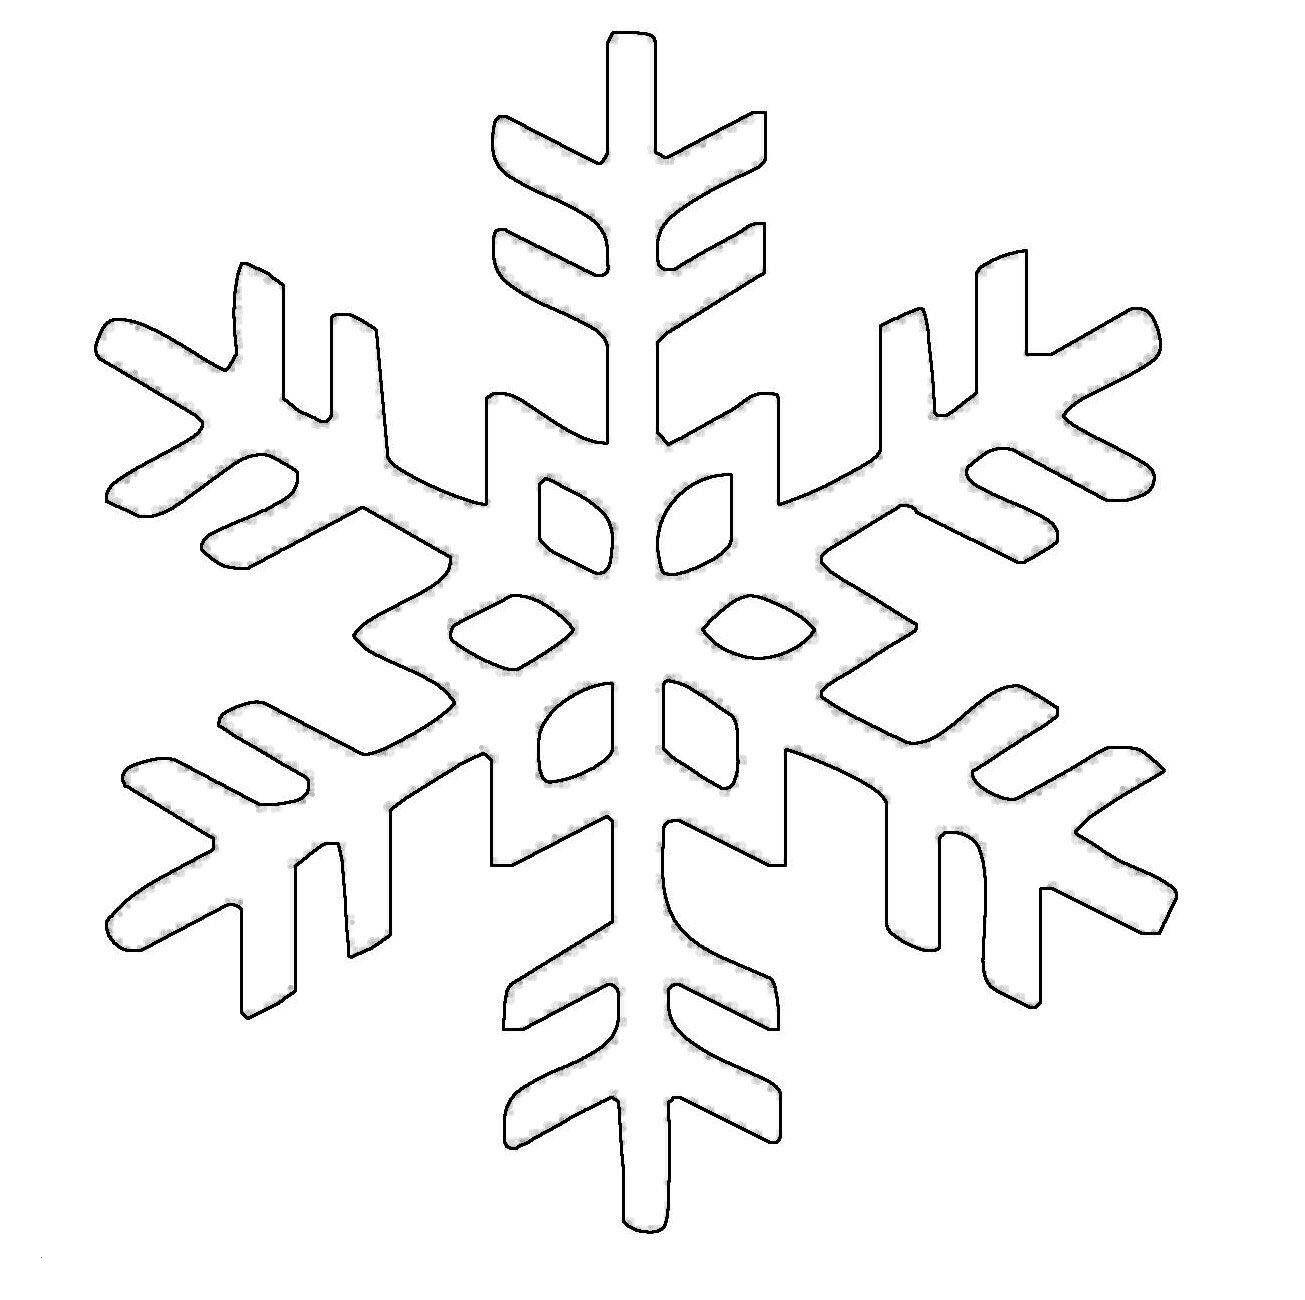 Ausmalbilder Weihnachten Schneeflocke Neu 30 Schneeflocken Ausmalbilder forstergallery Fotografieren